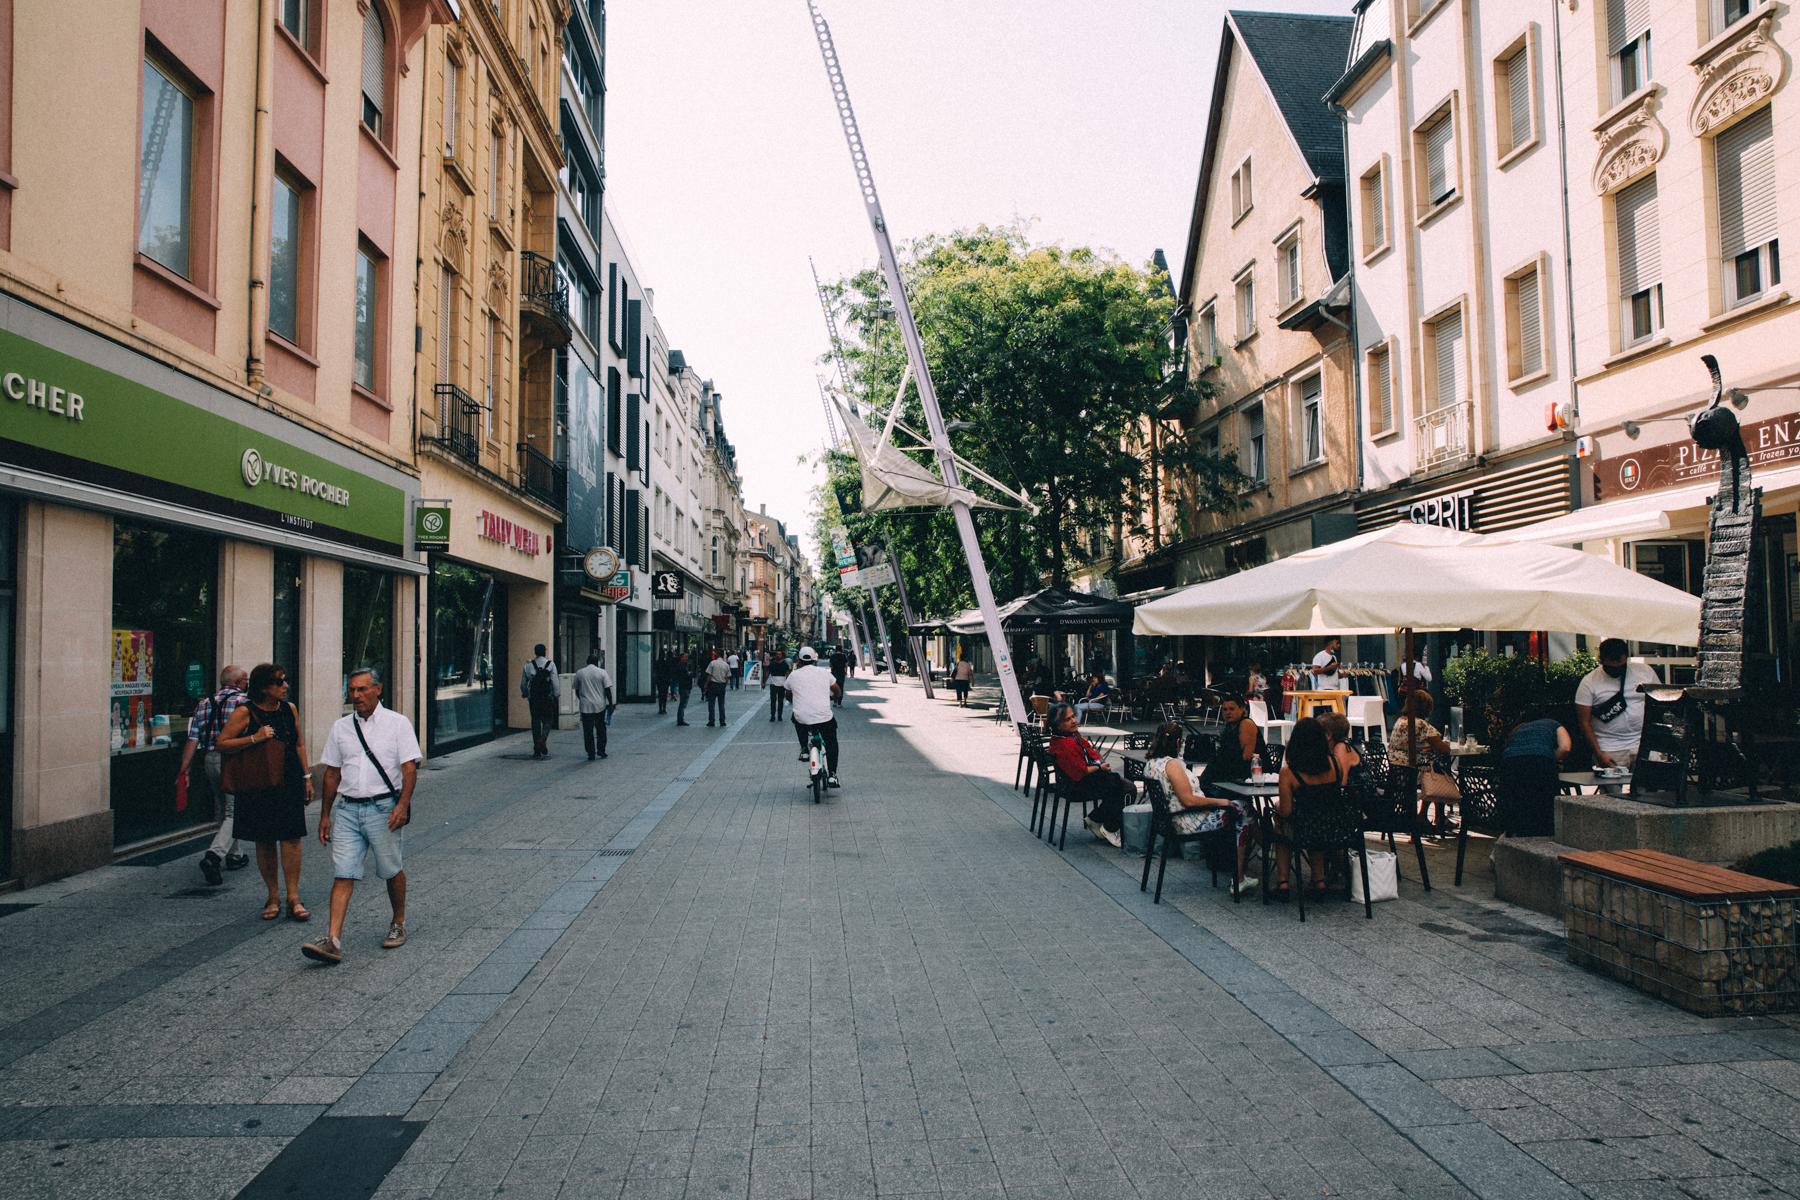 Esch 2030 : vers une ville attractive, cohésive, créative et durable